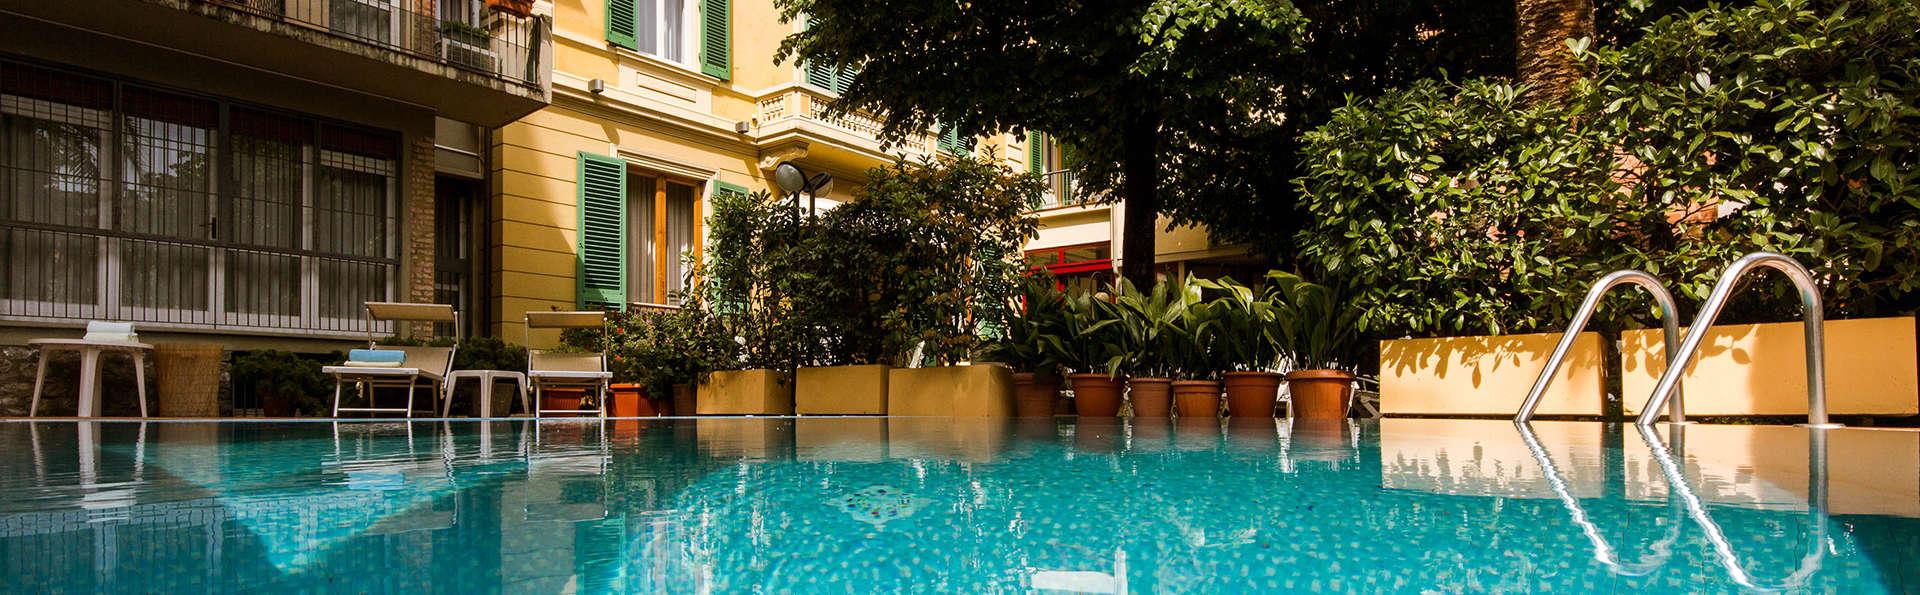 Séjour bien-être, avec accès aux piscines thermales et dîner